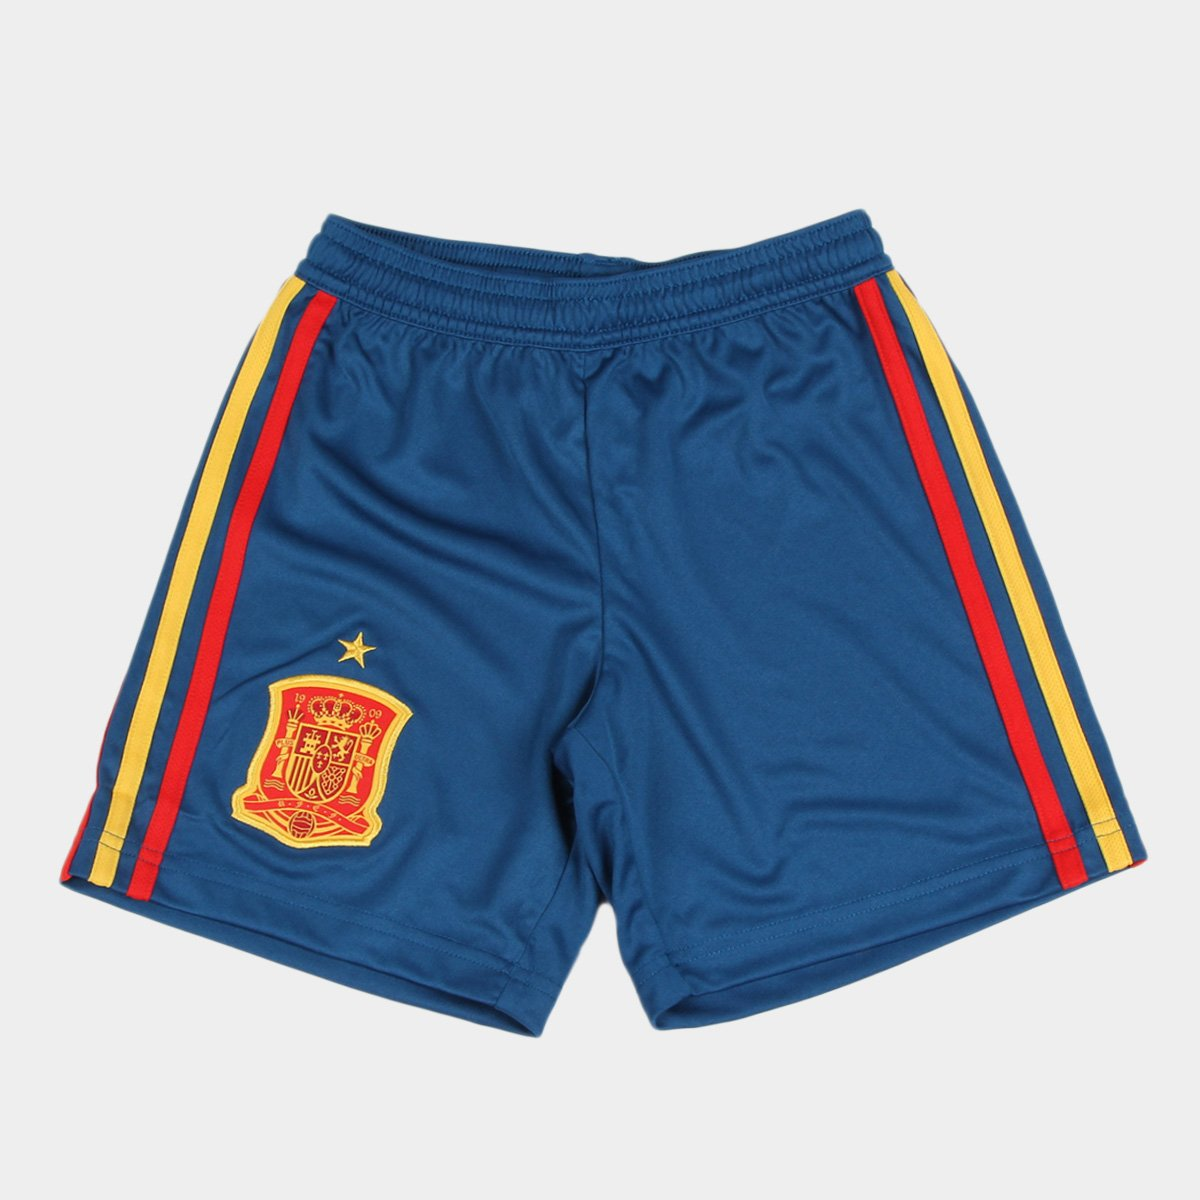 Azul Adidas Adidas Espanha Espanha Infantil Azul Calção Infantil Infantil Calção Adidas Espanha Calção Azul XTqwdxfwn